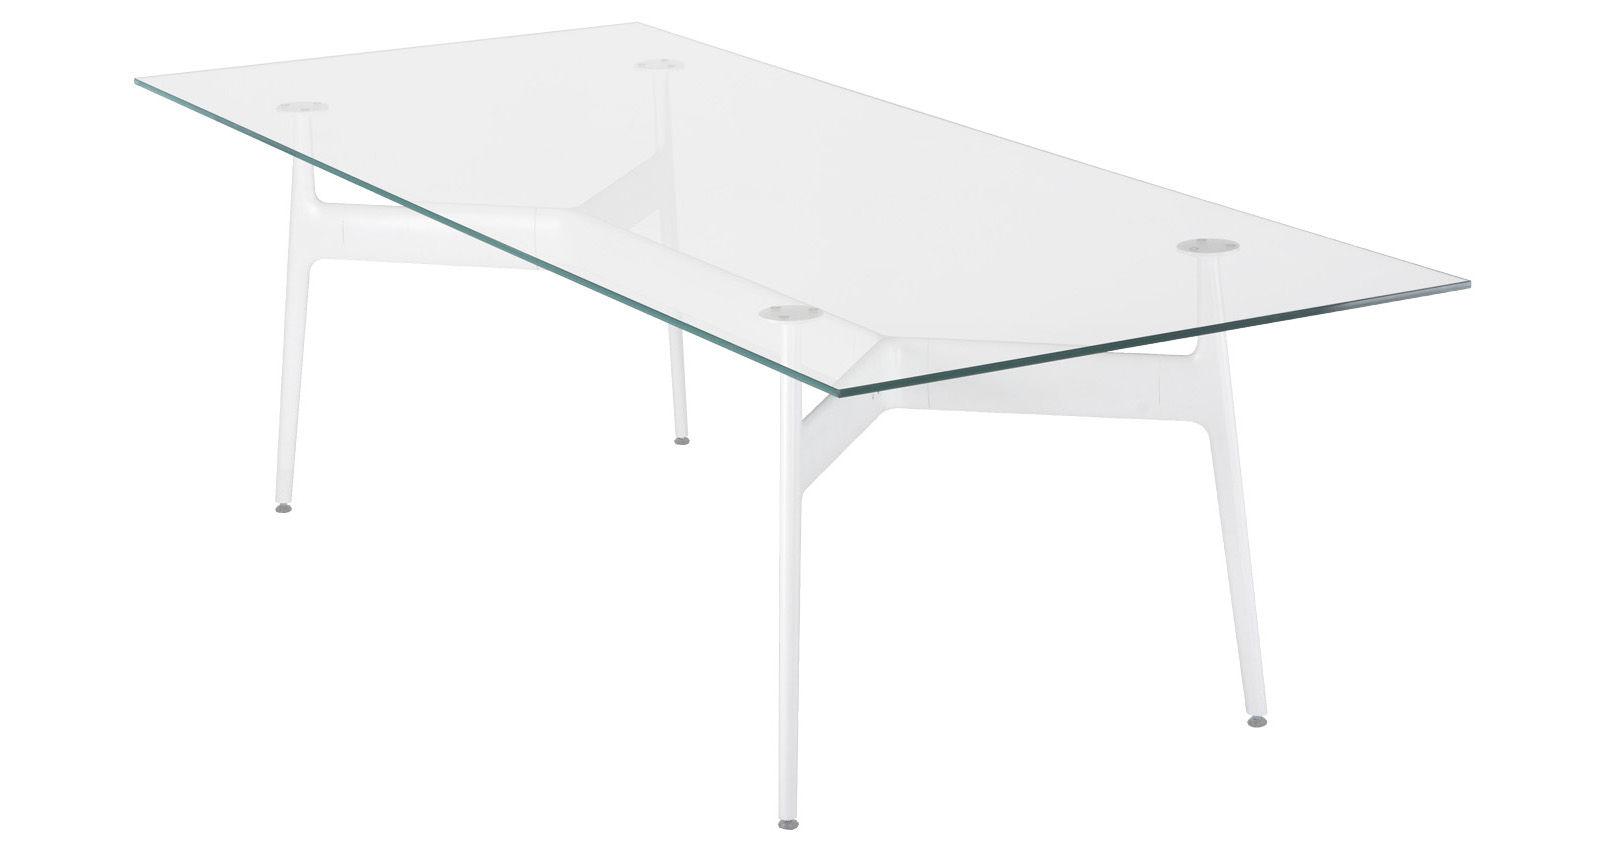 Arredamento - Tavoli - Tavolo rettangolare Aracne - 190 x 100 cm - Top vetro di Eumenes - Struttura bianca / Top cristallo - Alluminio, Vetro